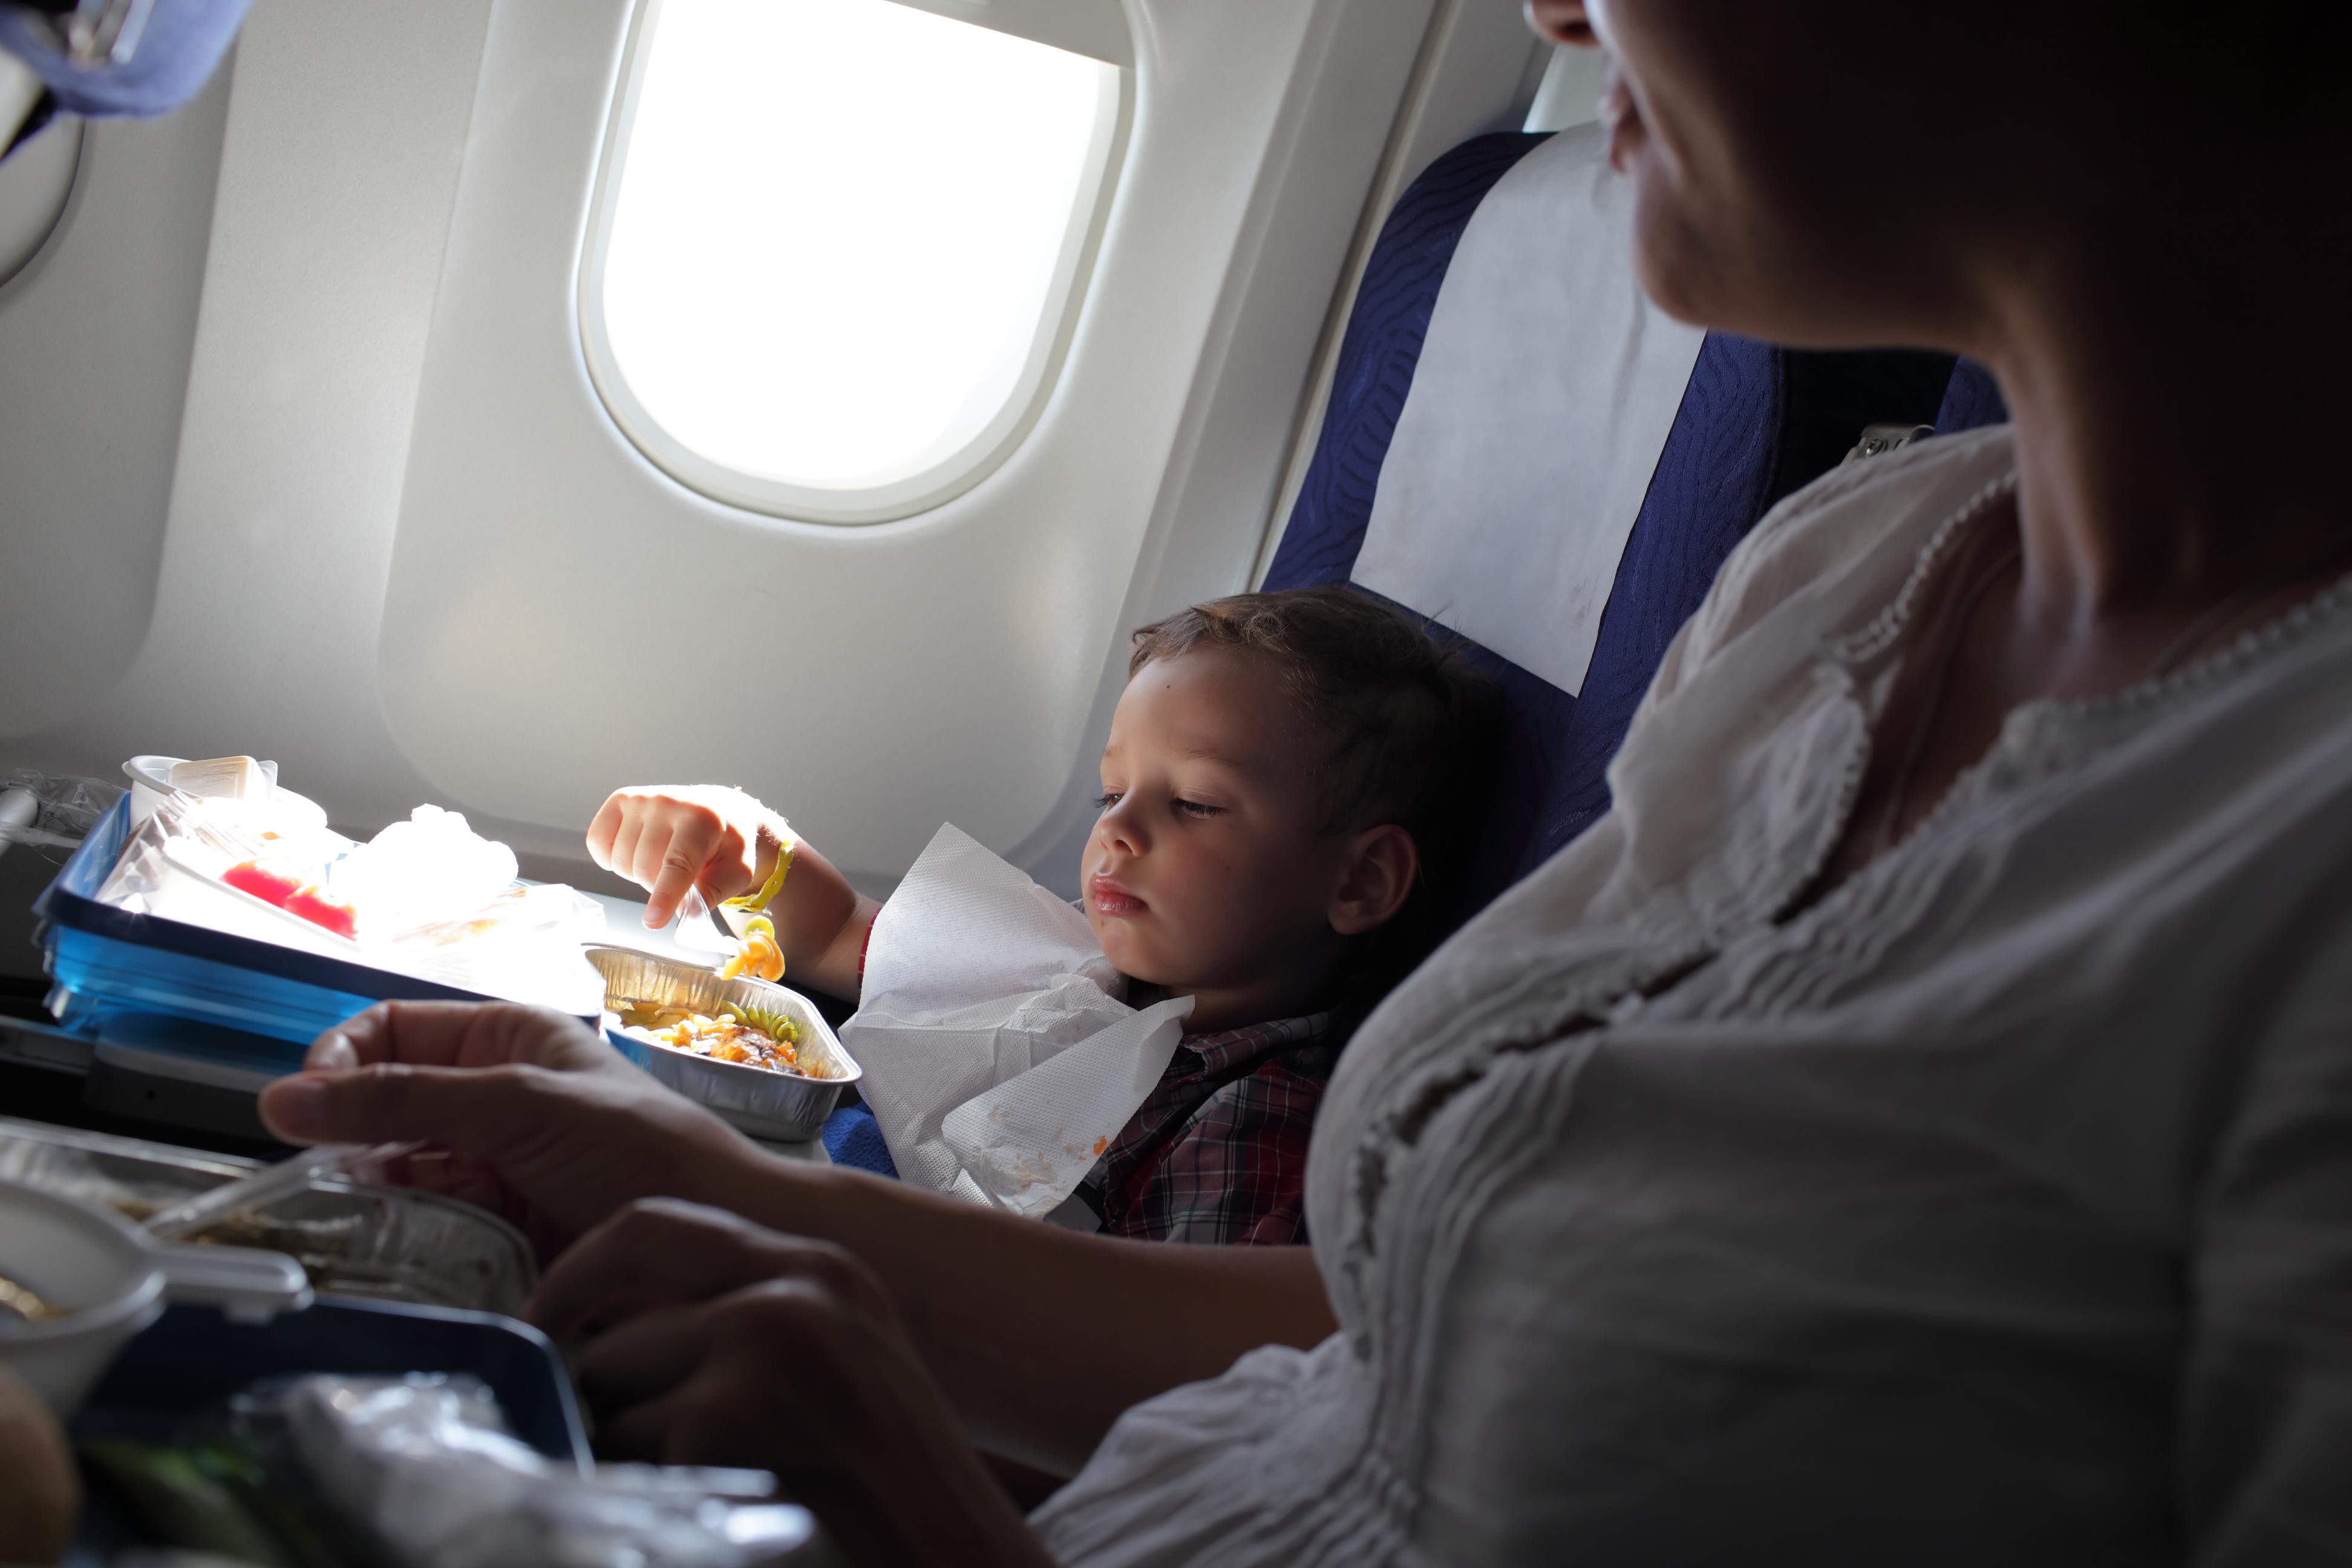 Из-за одного пассажира авиакомпания на несколько месяцев отложила переход на платное питание